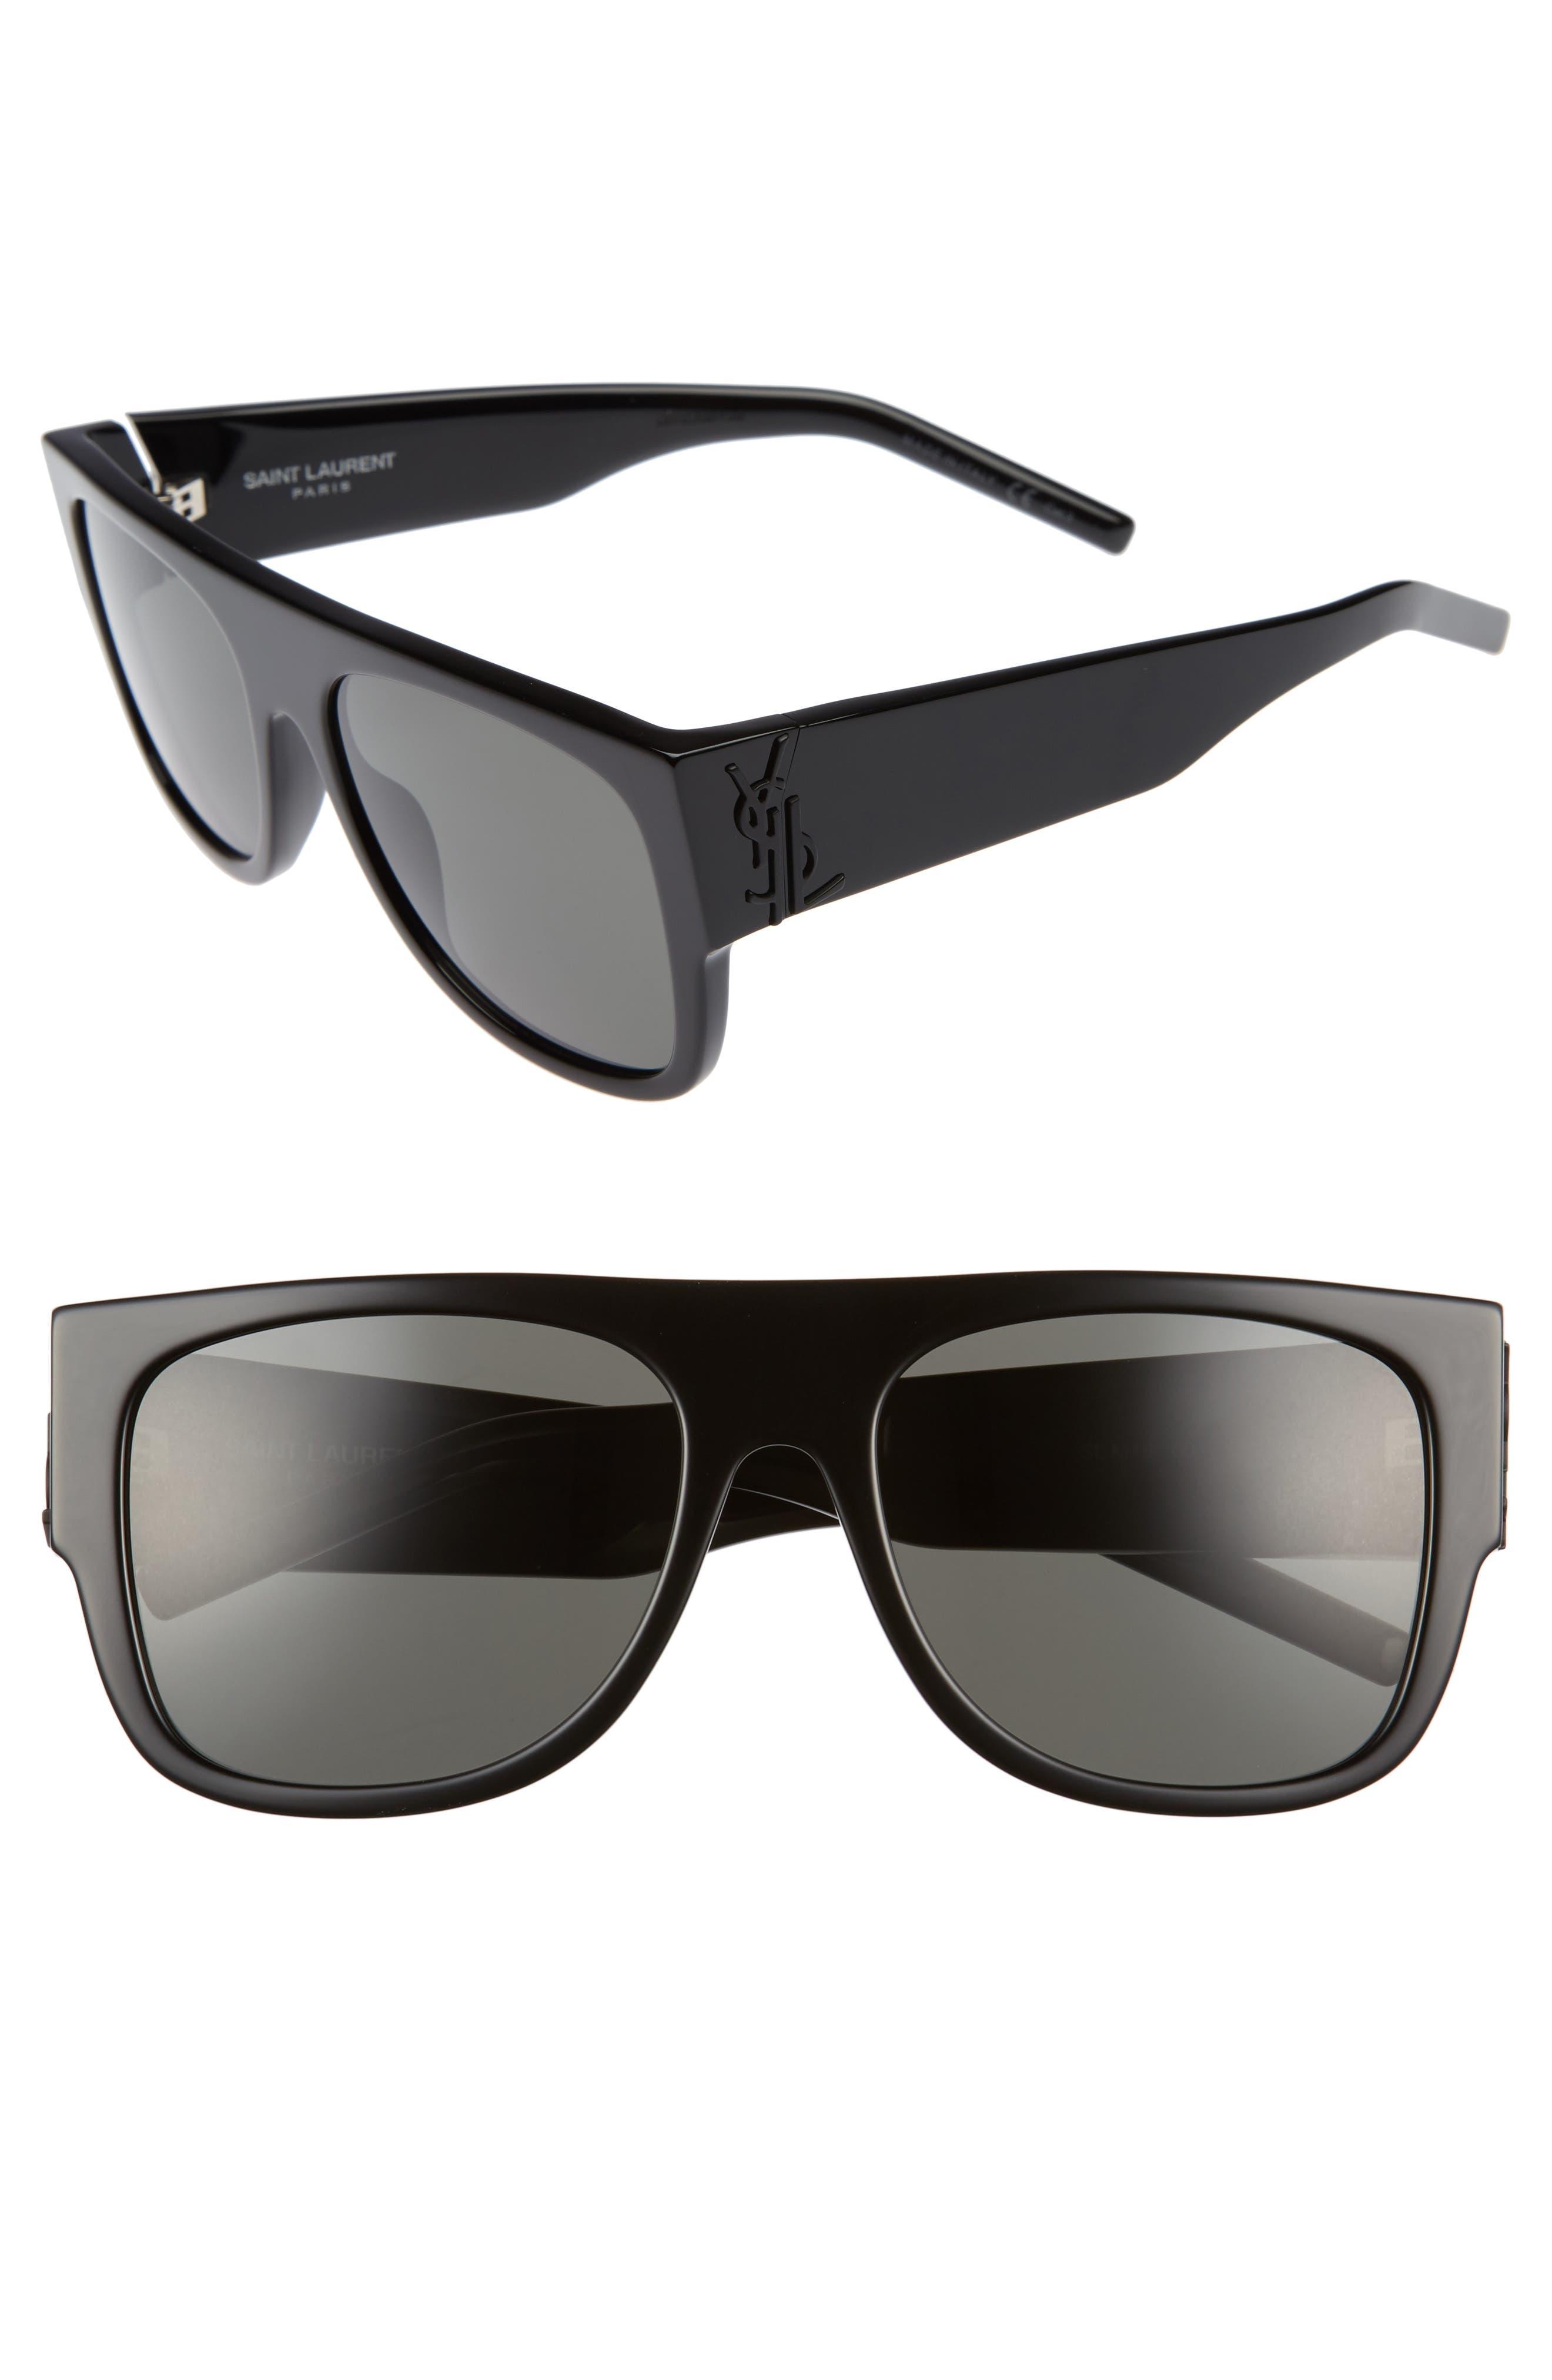 Saint Laurent SL M16 55mm Flat Top Sunglasses